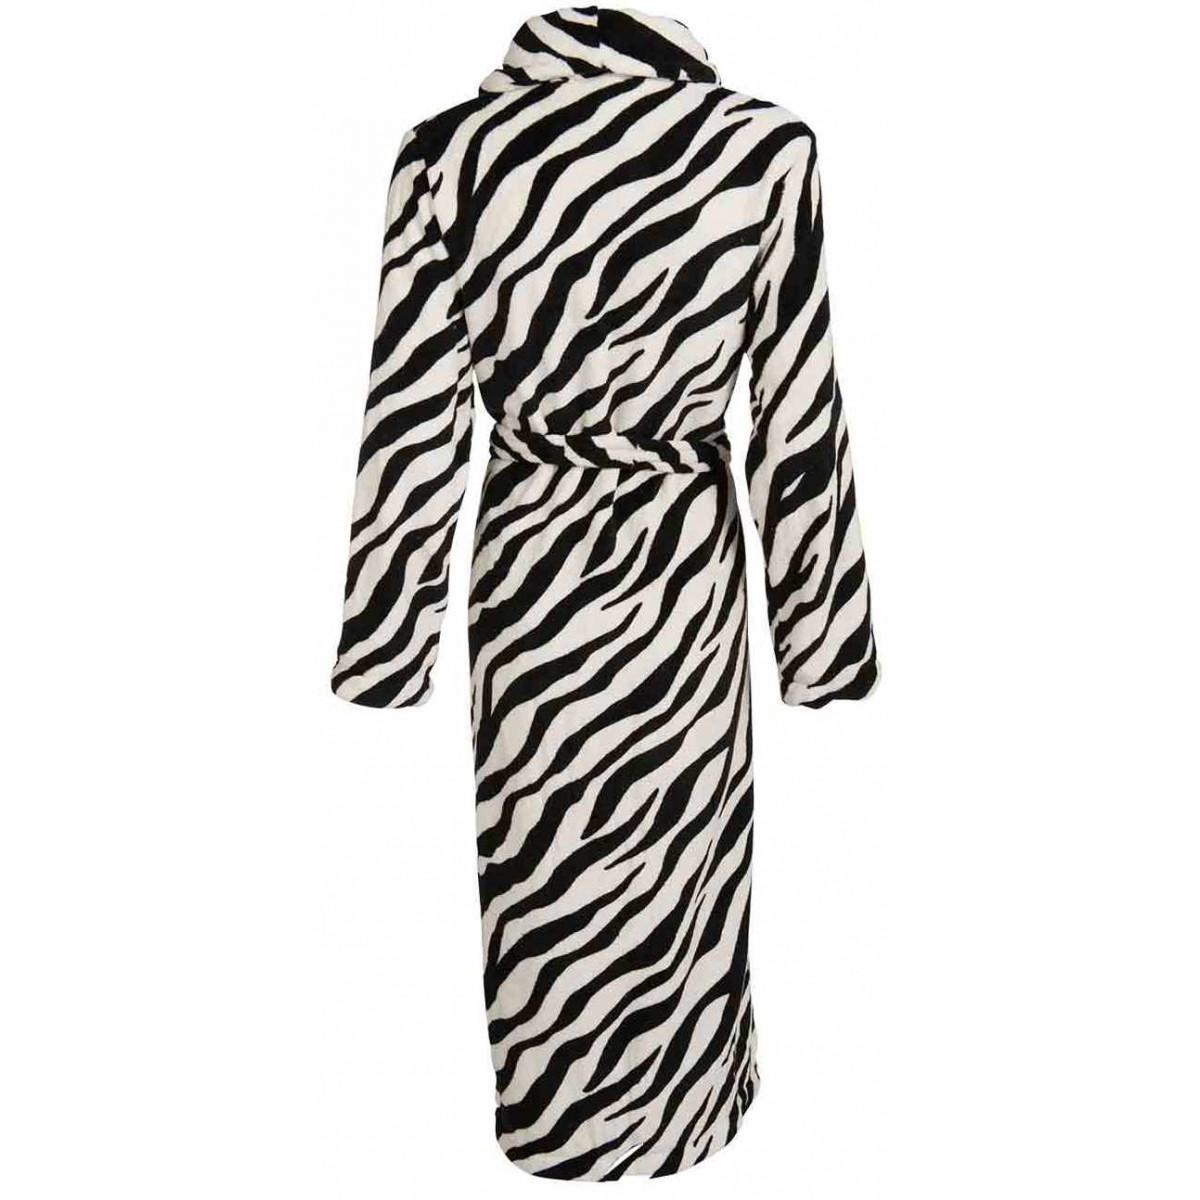 Zebra badjas